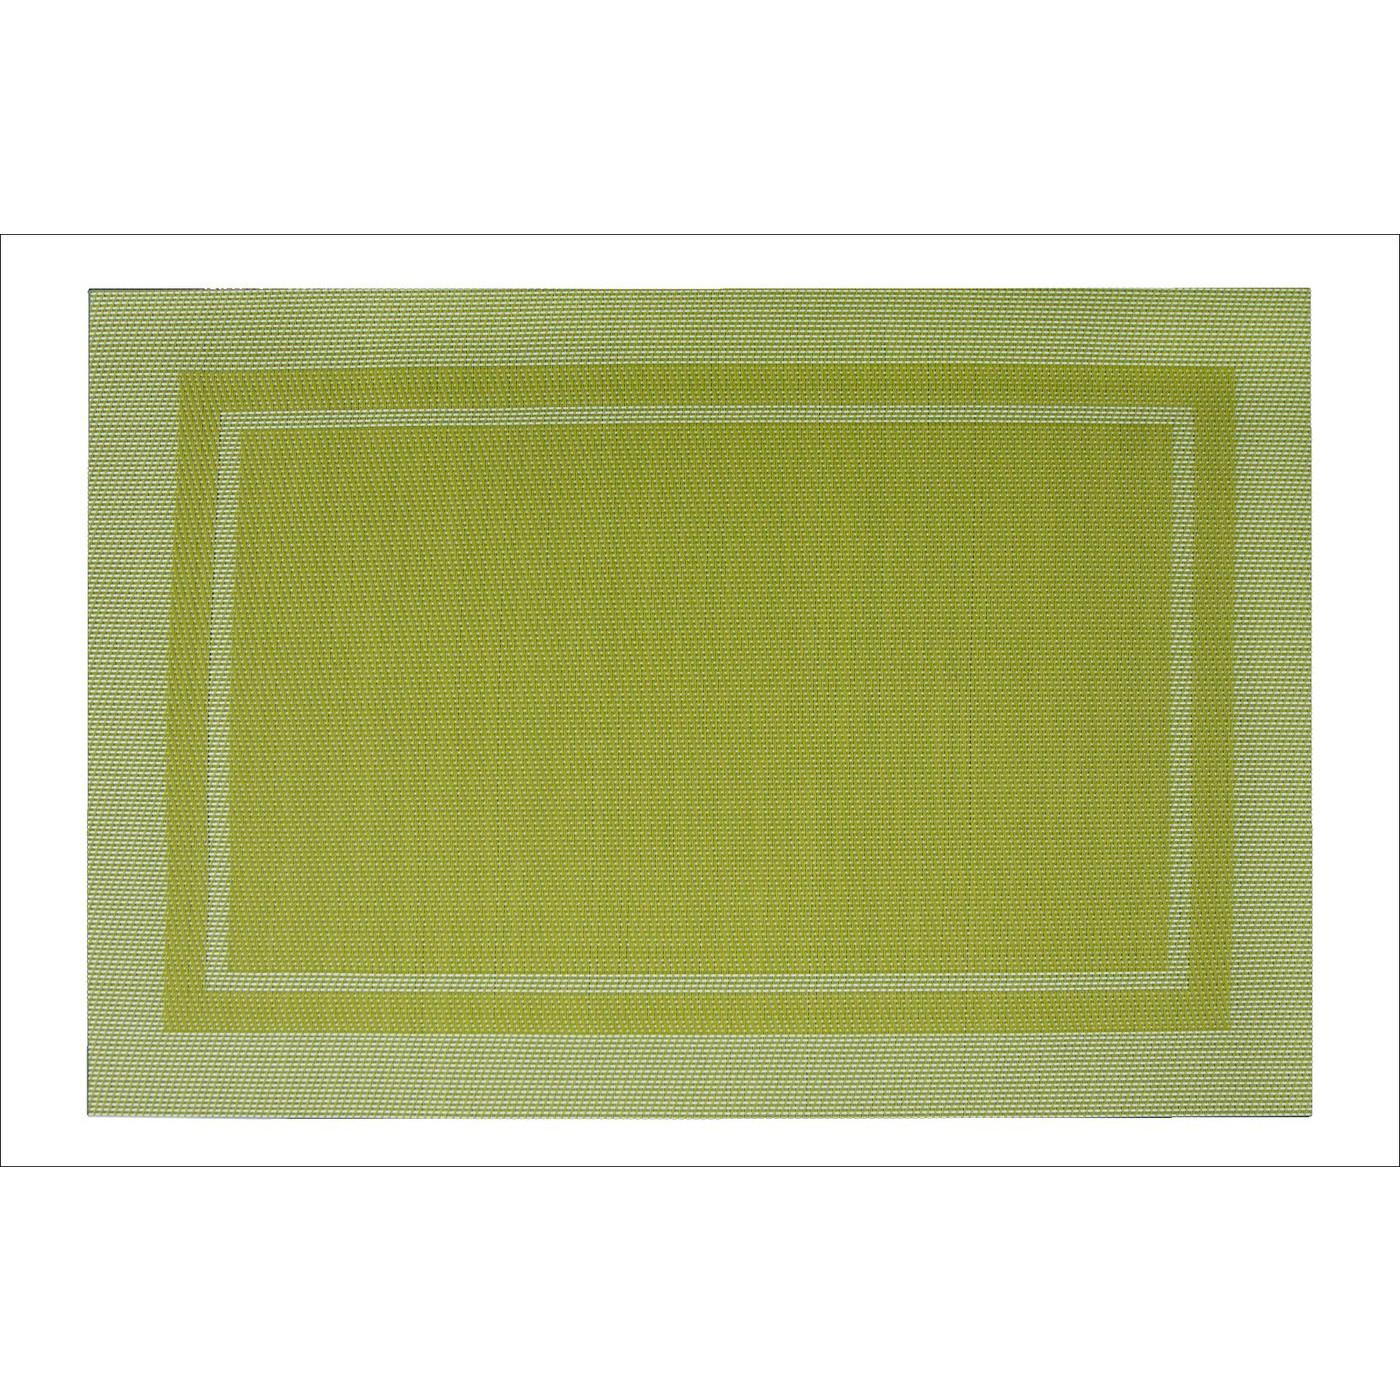 Zielona podkładka stołowa klasyczna 30x45 cm